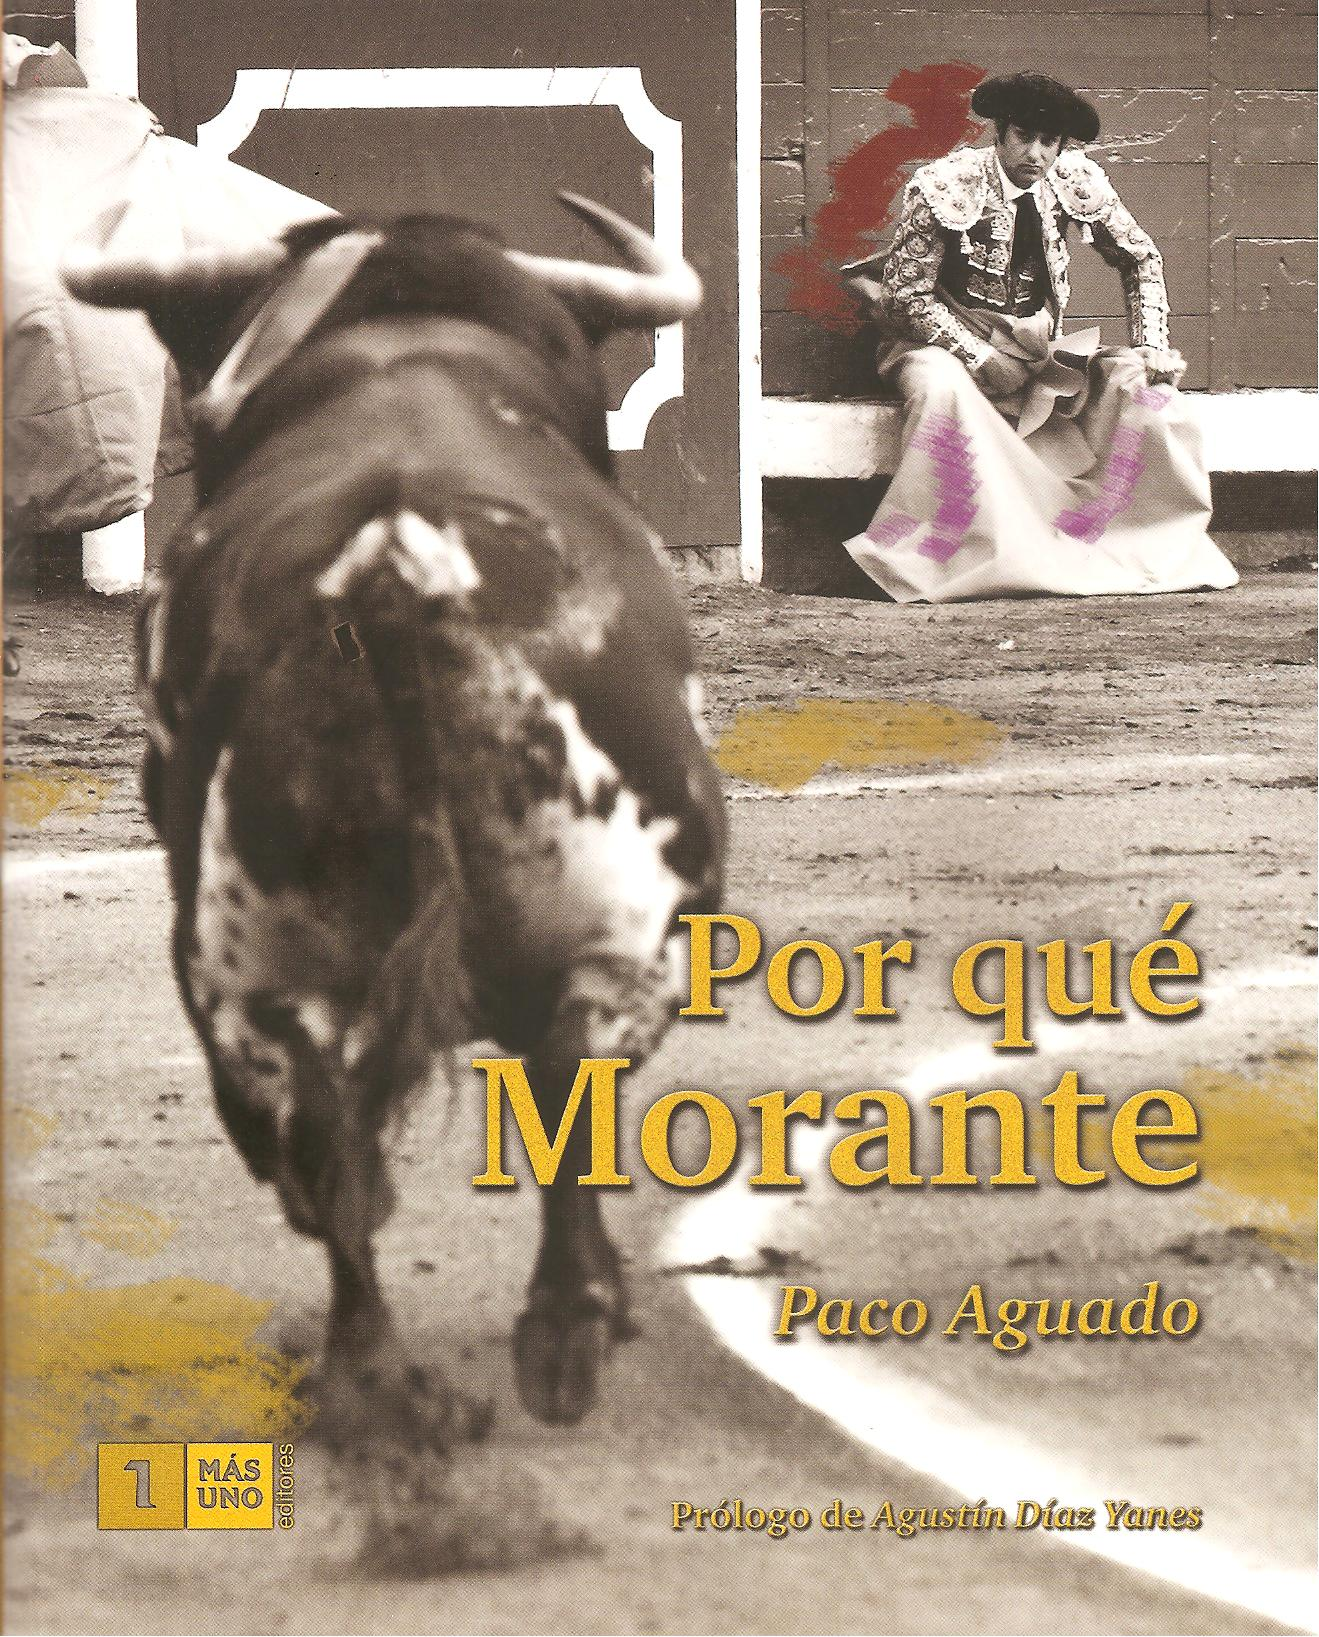 ¿Por qué Morante? portada del libro de Paco Aguado